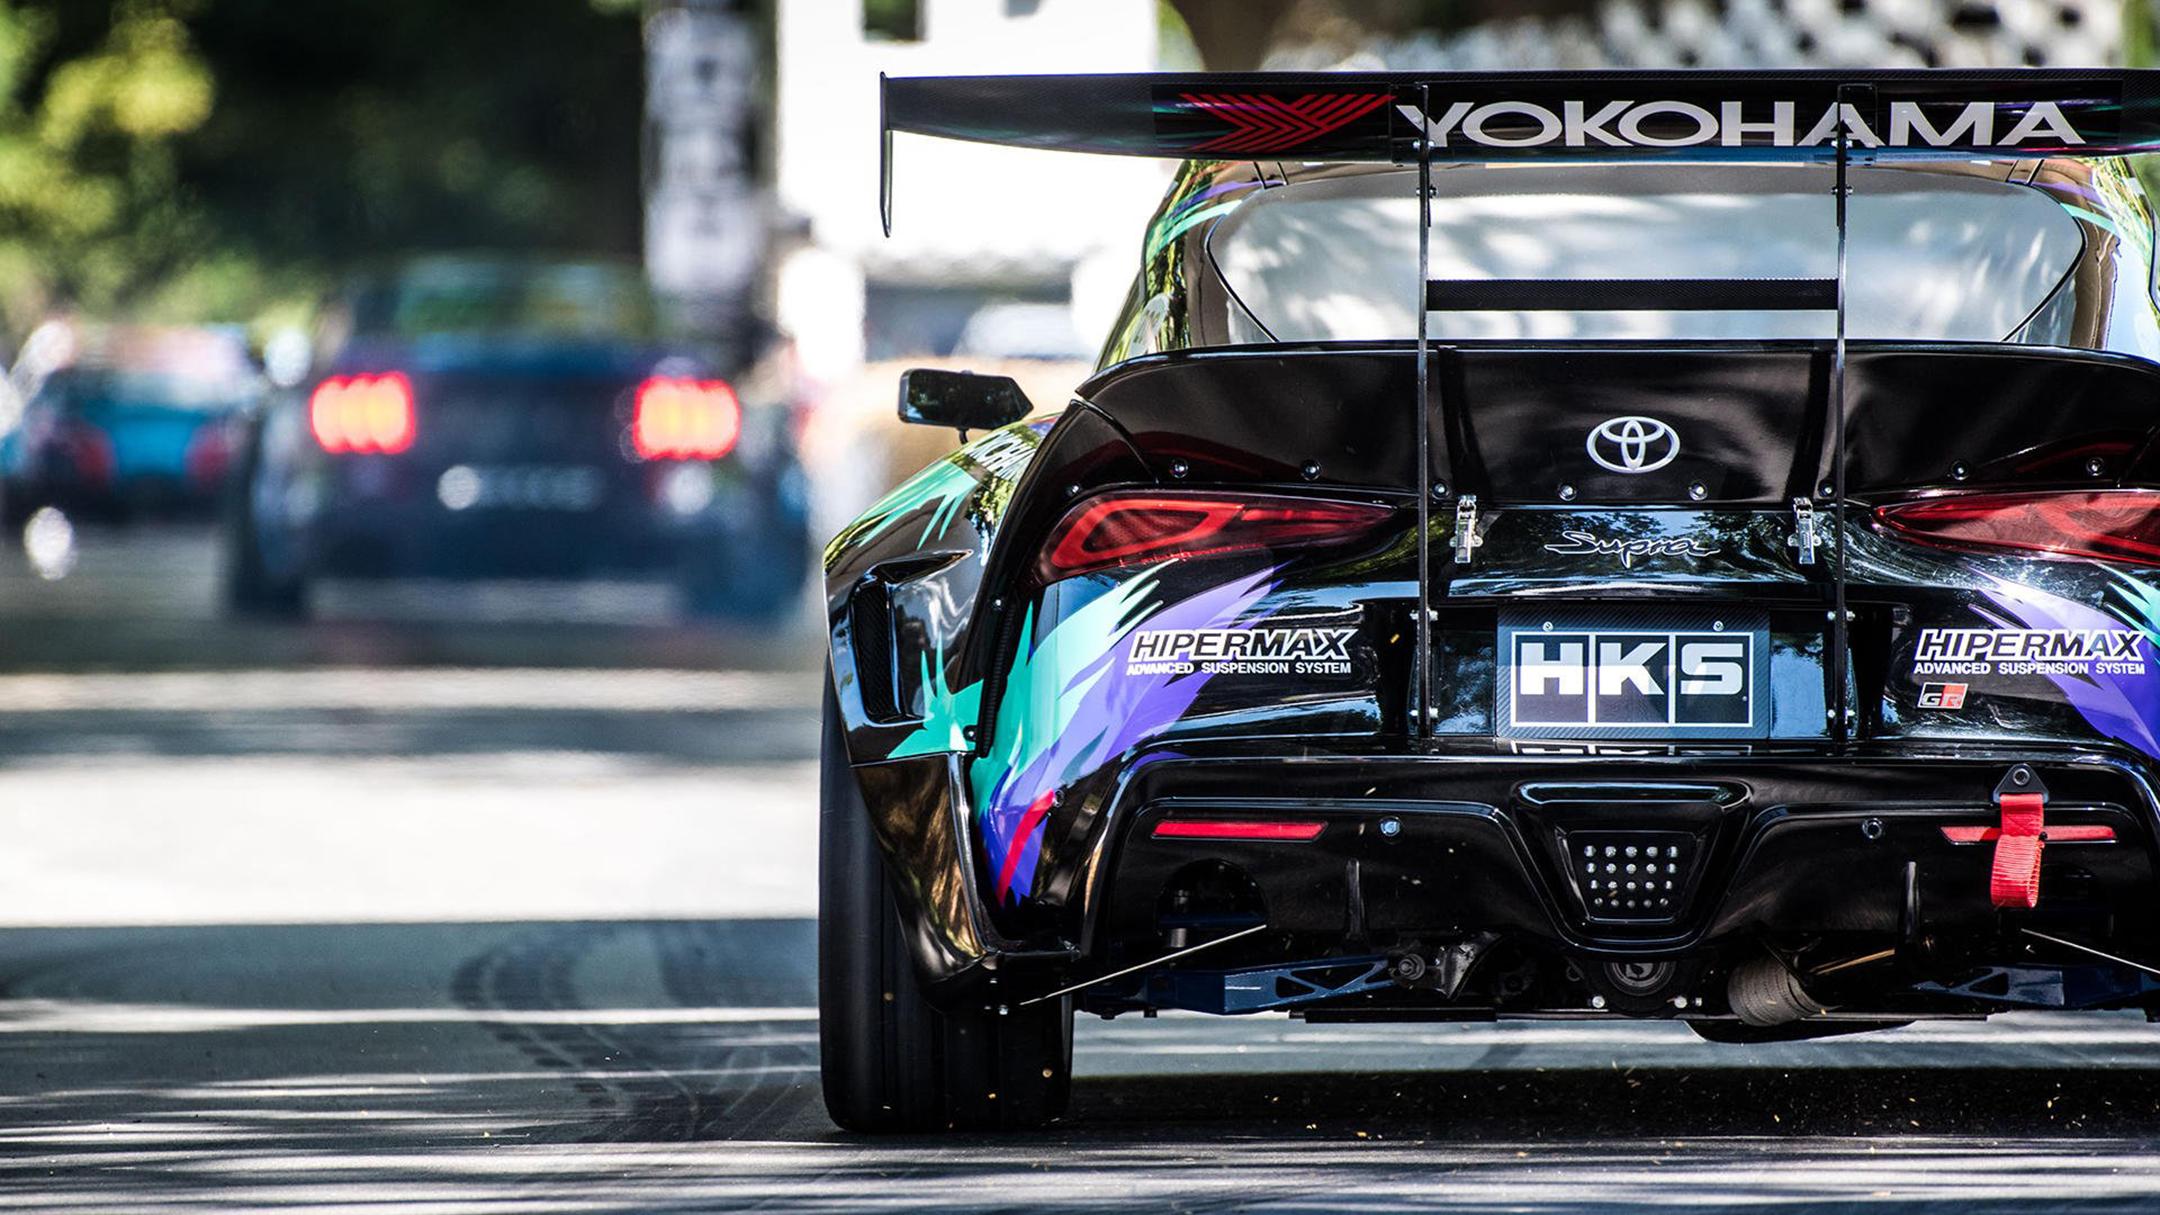 HKS Toyota GR Supra Drift - 2019 - track rear-face - Festival Of Speed - photo via Toyota UK